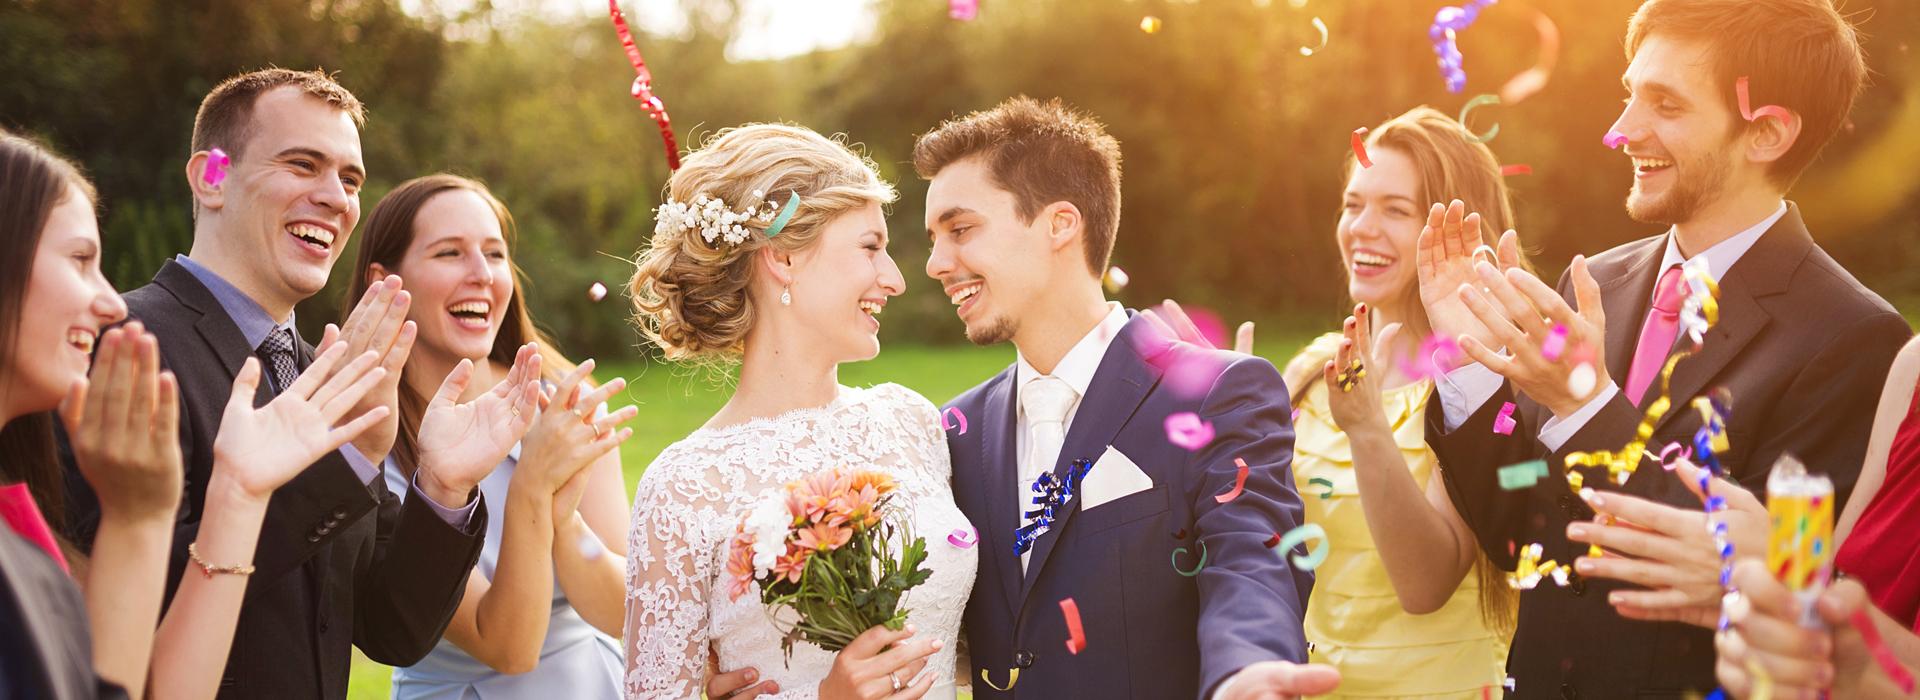 不只是婚宴,連拍婚紗都省了...窮,讓年輕人不得不務實!